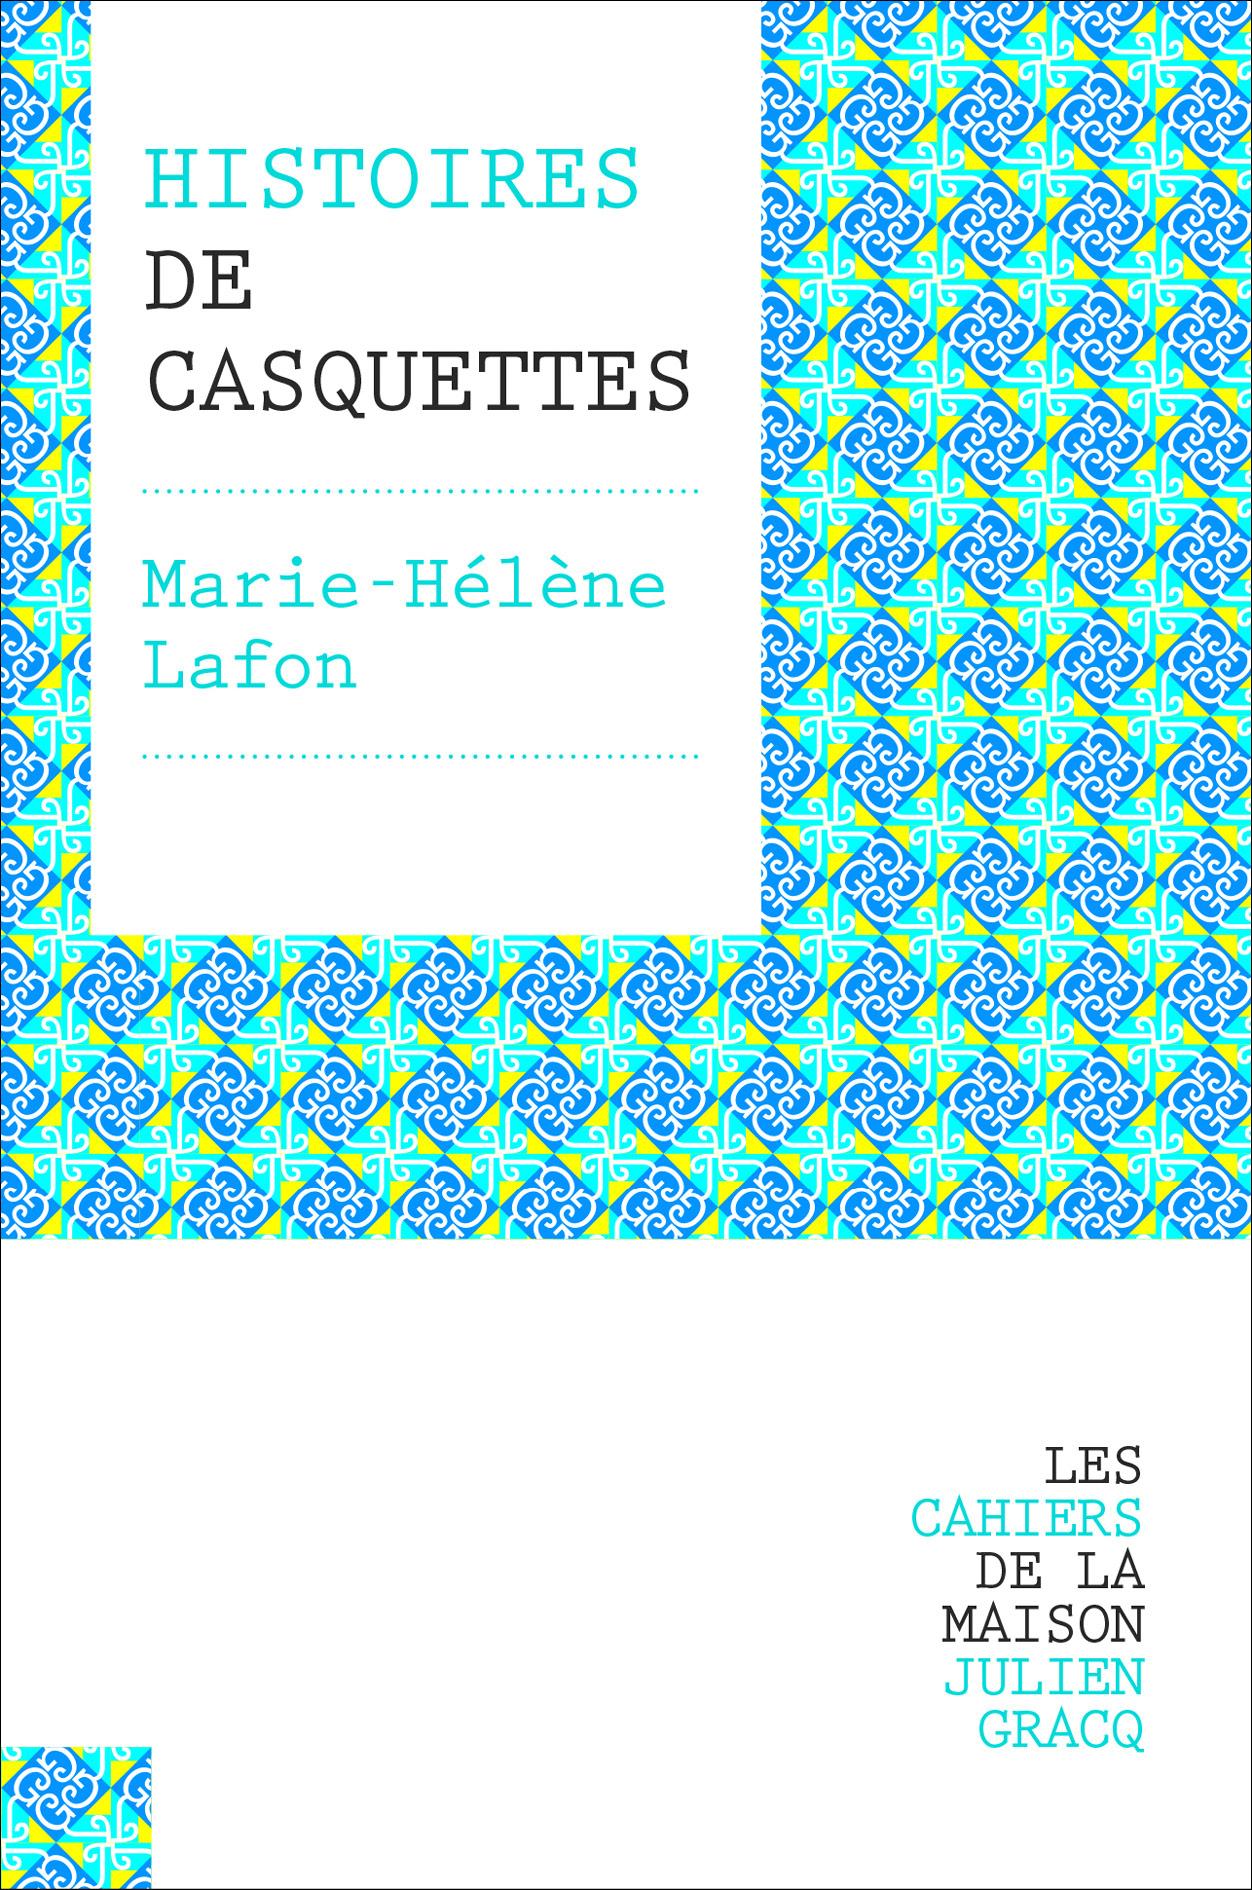 Histoires_de_casquettes-Cahiers_de_la_Maison_Julien_Gracq-visuel